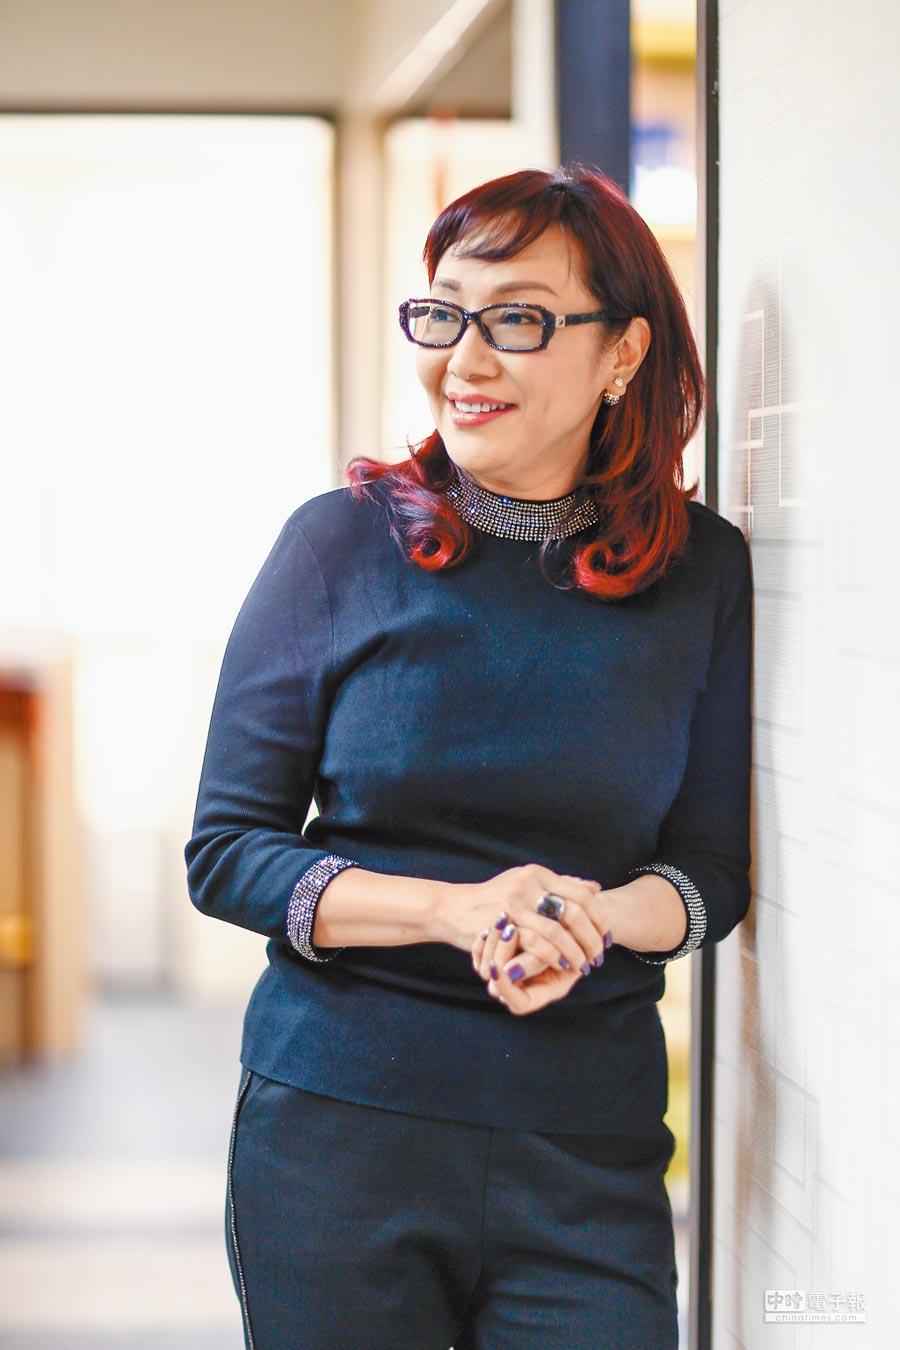 闊別演藝圈近30年的藝人鄭亞雲,成了商界女強人,接受本報專訪談兩岸圓夢計畫。(鄧博仁攝)